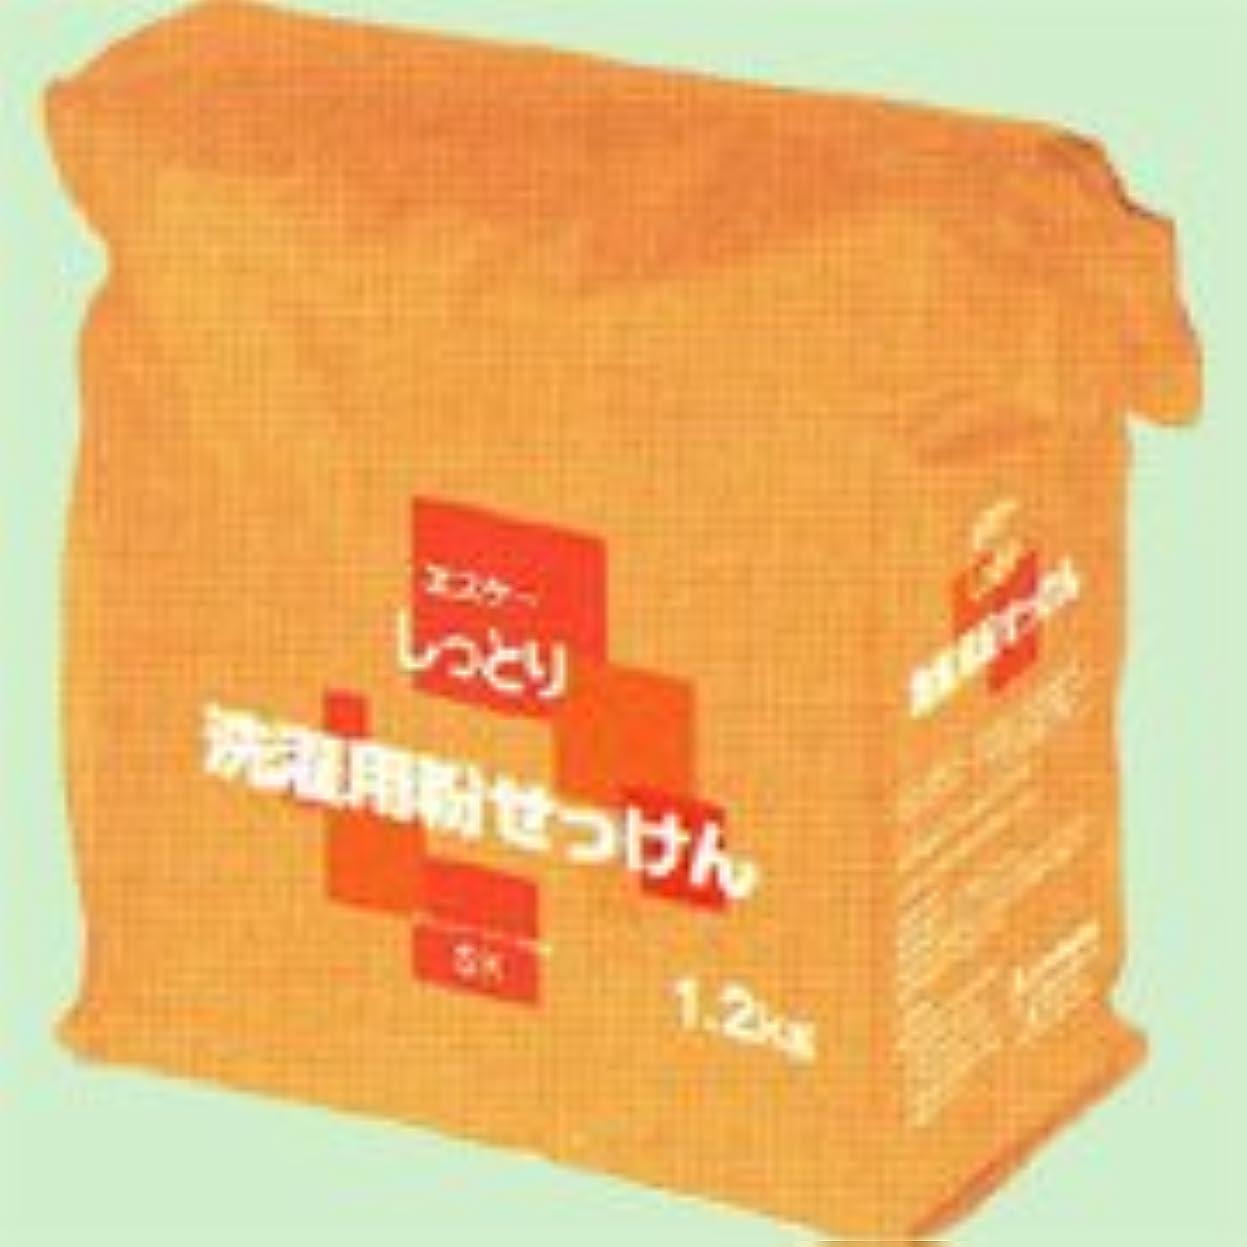 エクステントジム差し迫ったしっとり洗濯用粉せっけん詰替用 1.2kg   エスケー石鹸